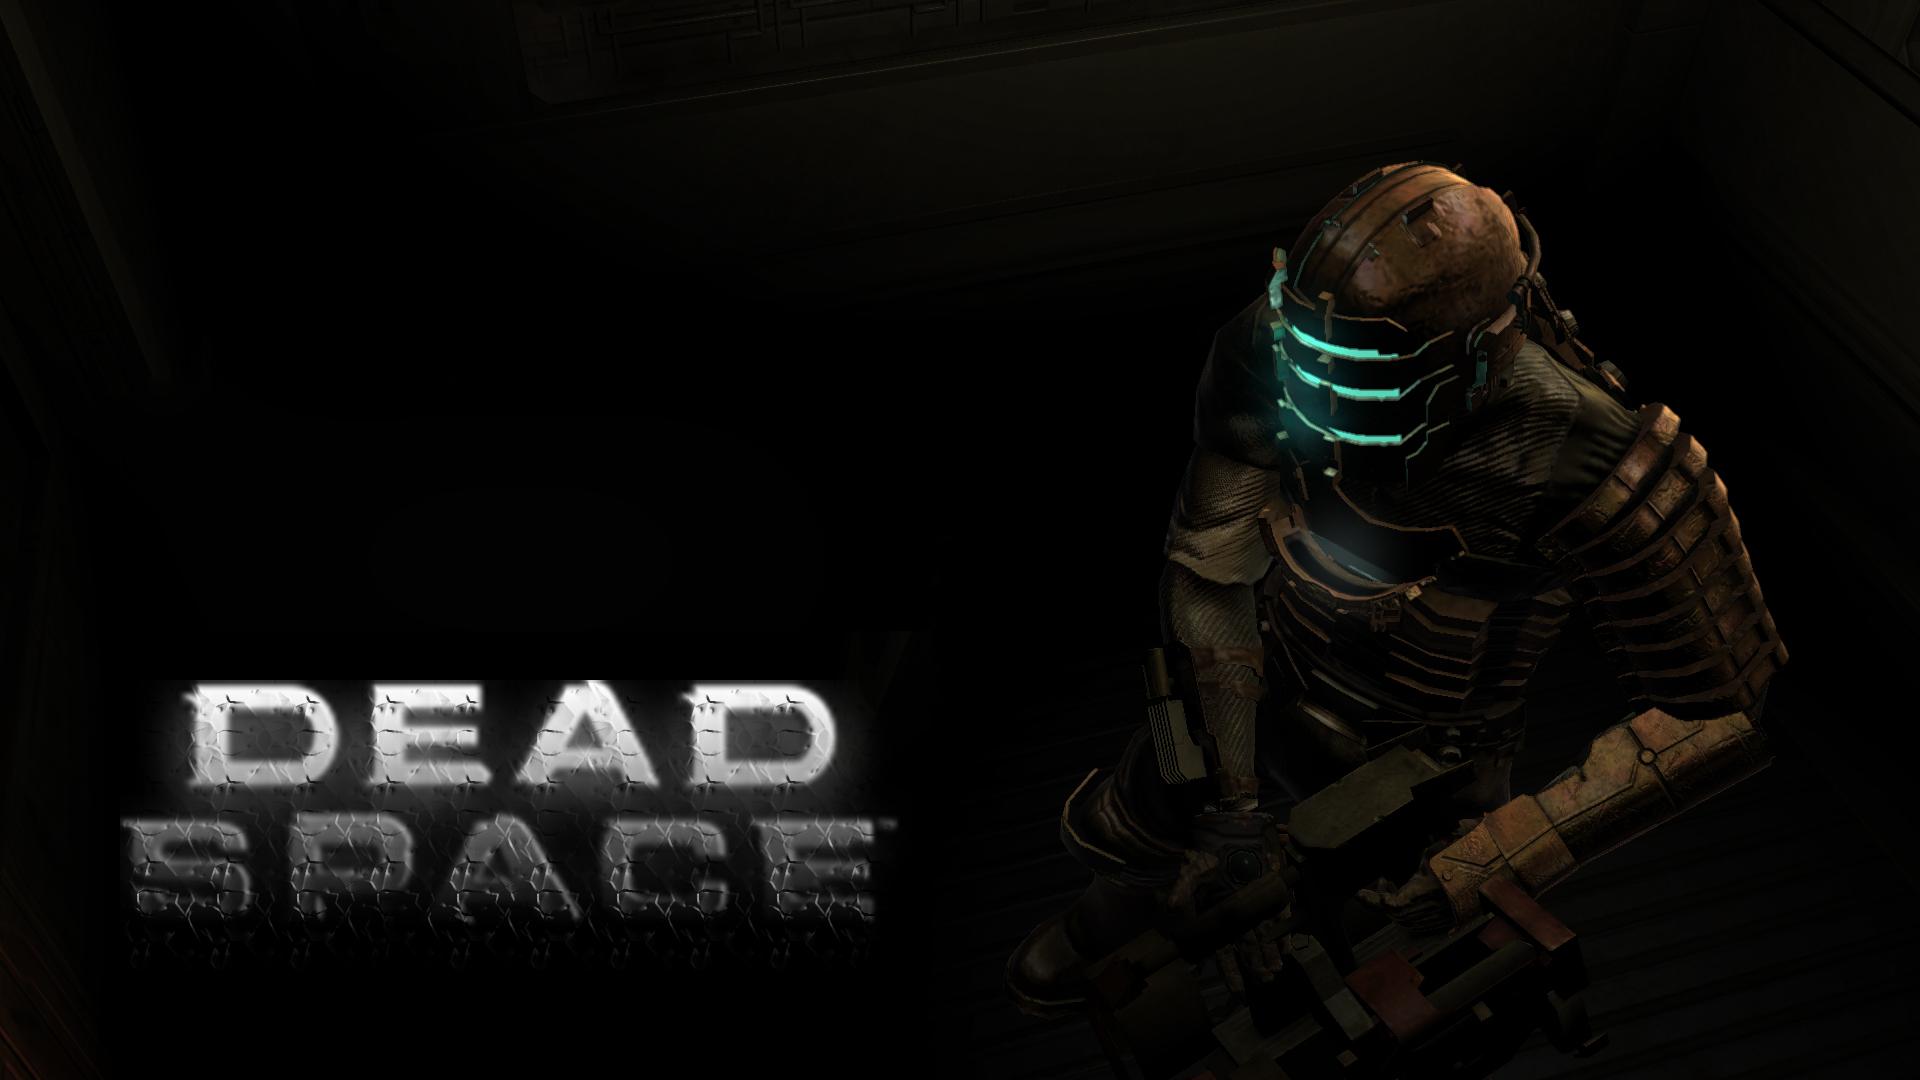 Dead space 3 wallpaper a3 hd desktop wallpapers 4k hd - Dead space 1 wallpaper hd ...